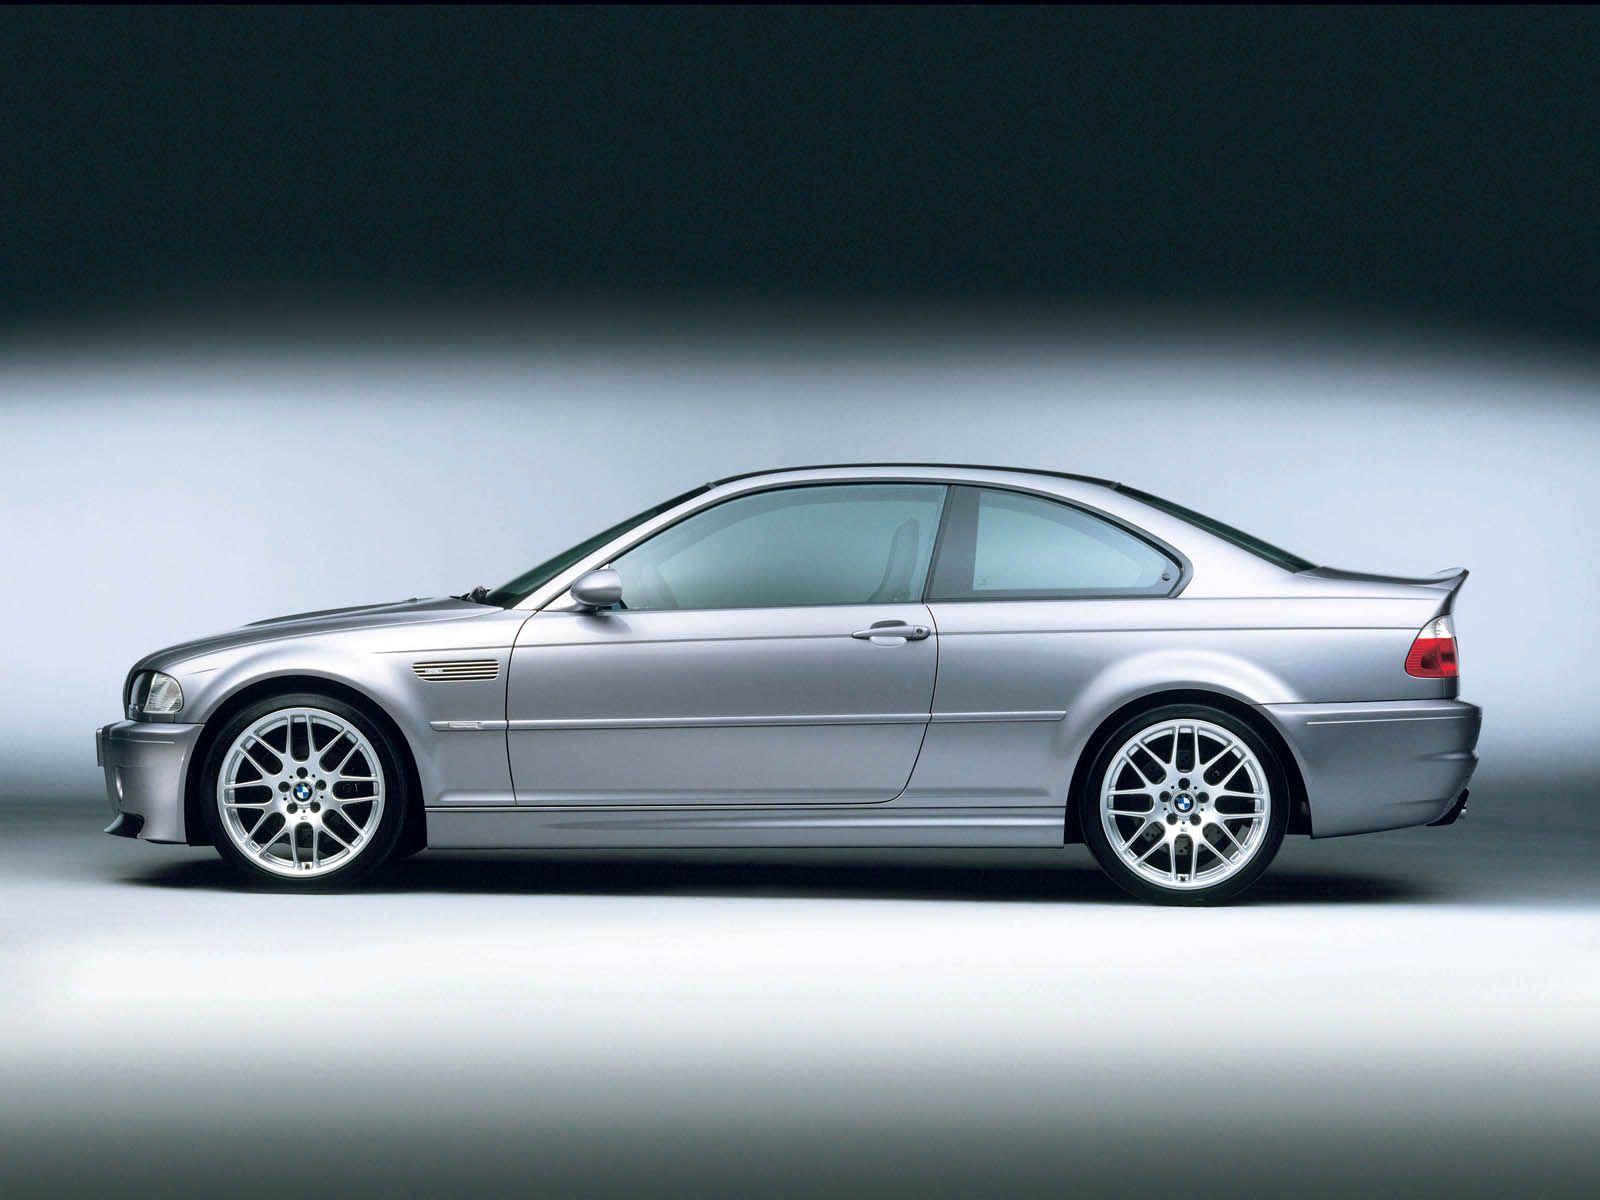 http://2.bp.blogspot.com/-Vdl-c2Ma3W8/TlIX28R7vqI/AAAAAAAAAGI/-cNP4pSlLf4/s1600/BMW-M3-Car-Wallpaper.jpg